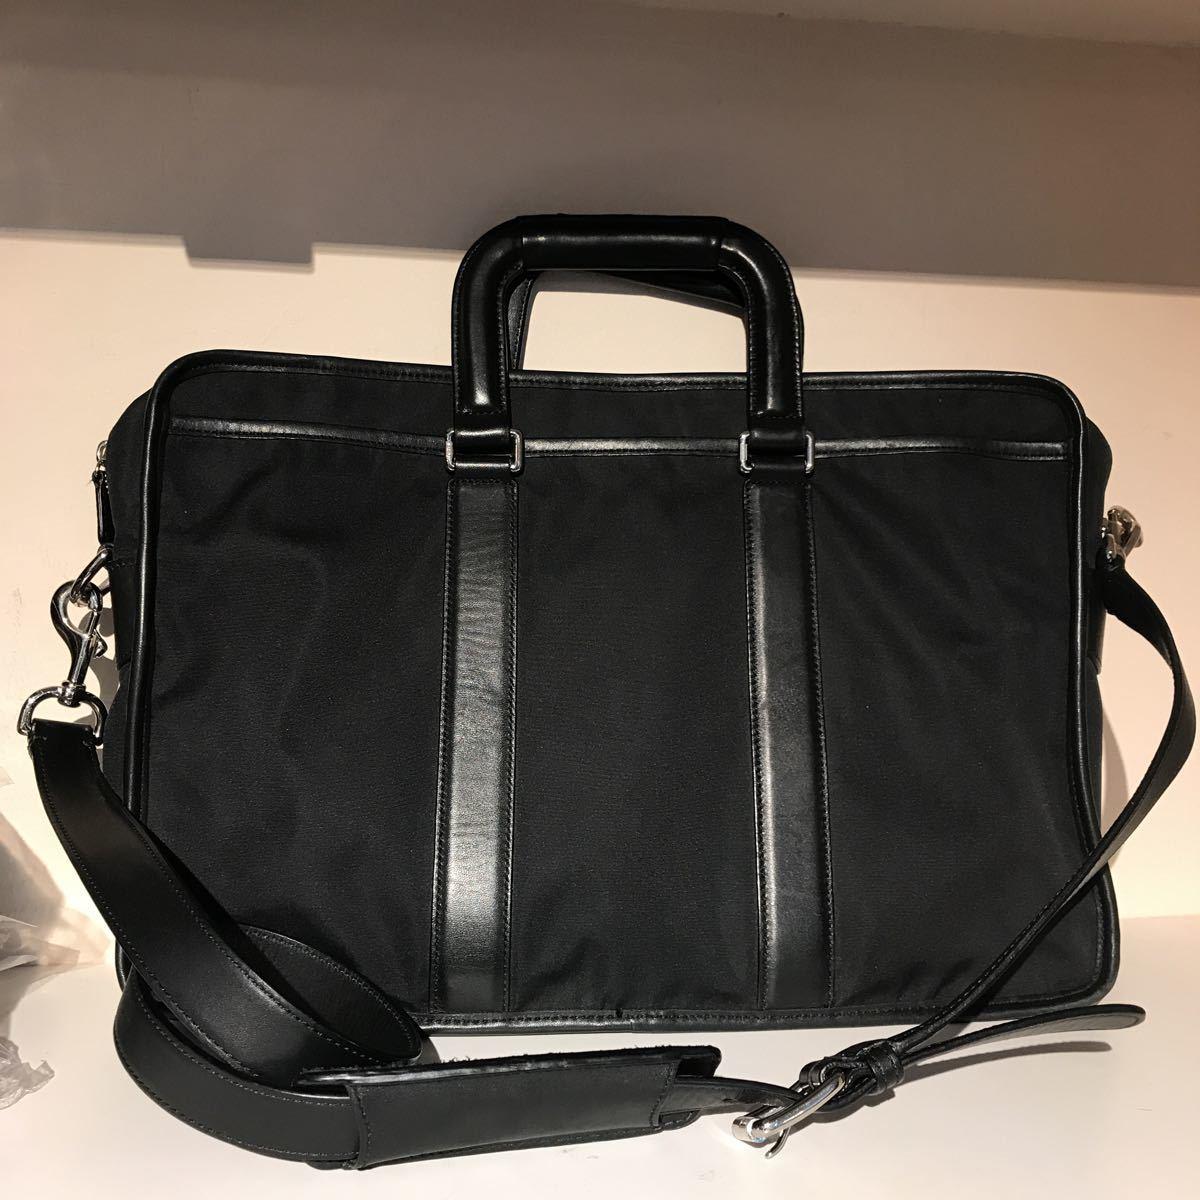 f58d667d7415 1円 COACH コーチ ショルダーバッグ ブリーフケース ビジネスバッグ 黒 ブラック レザー